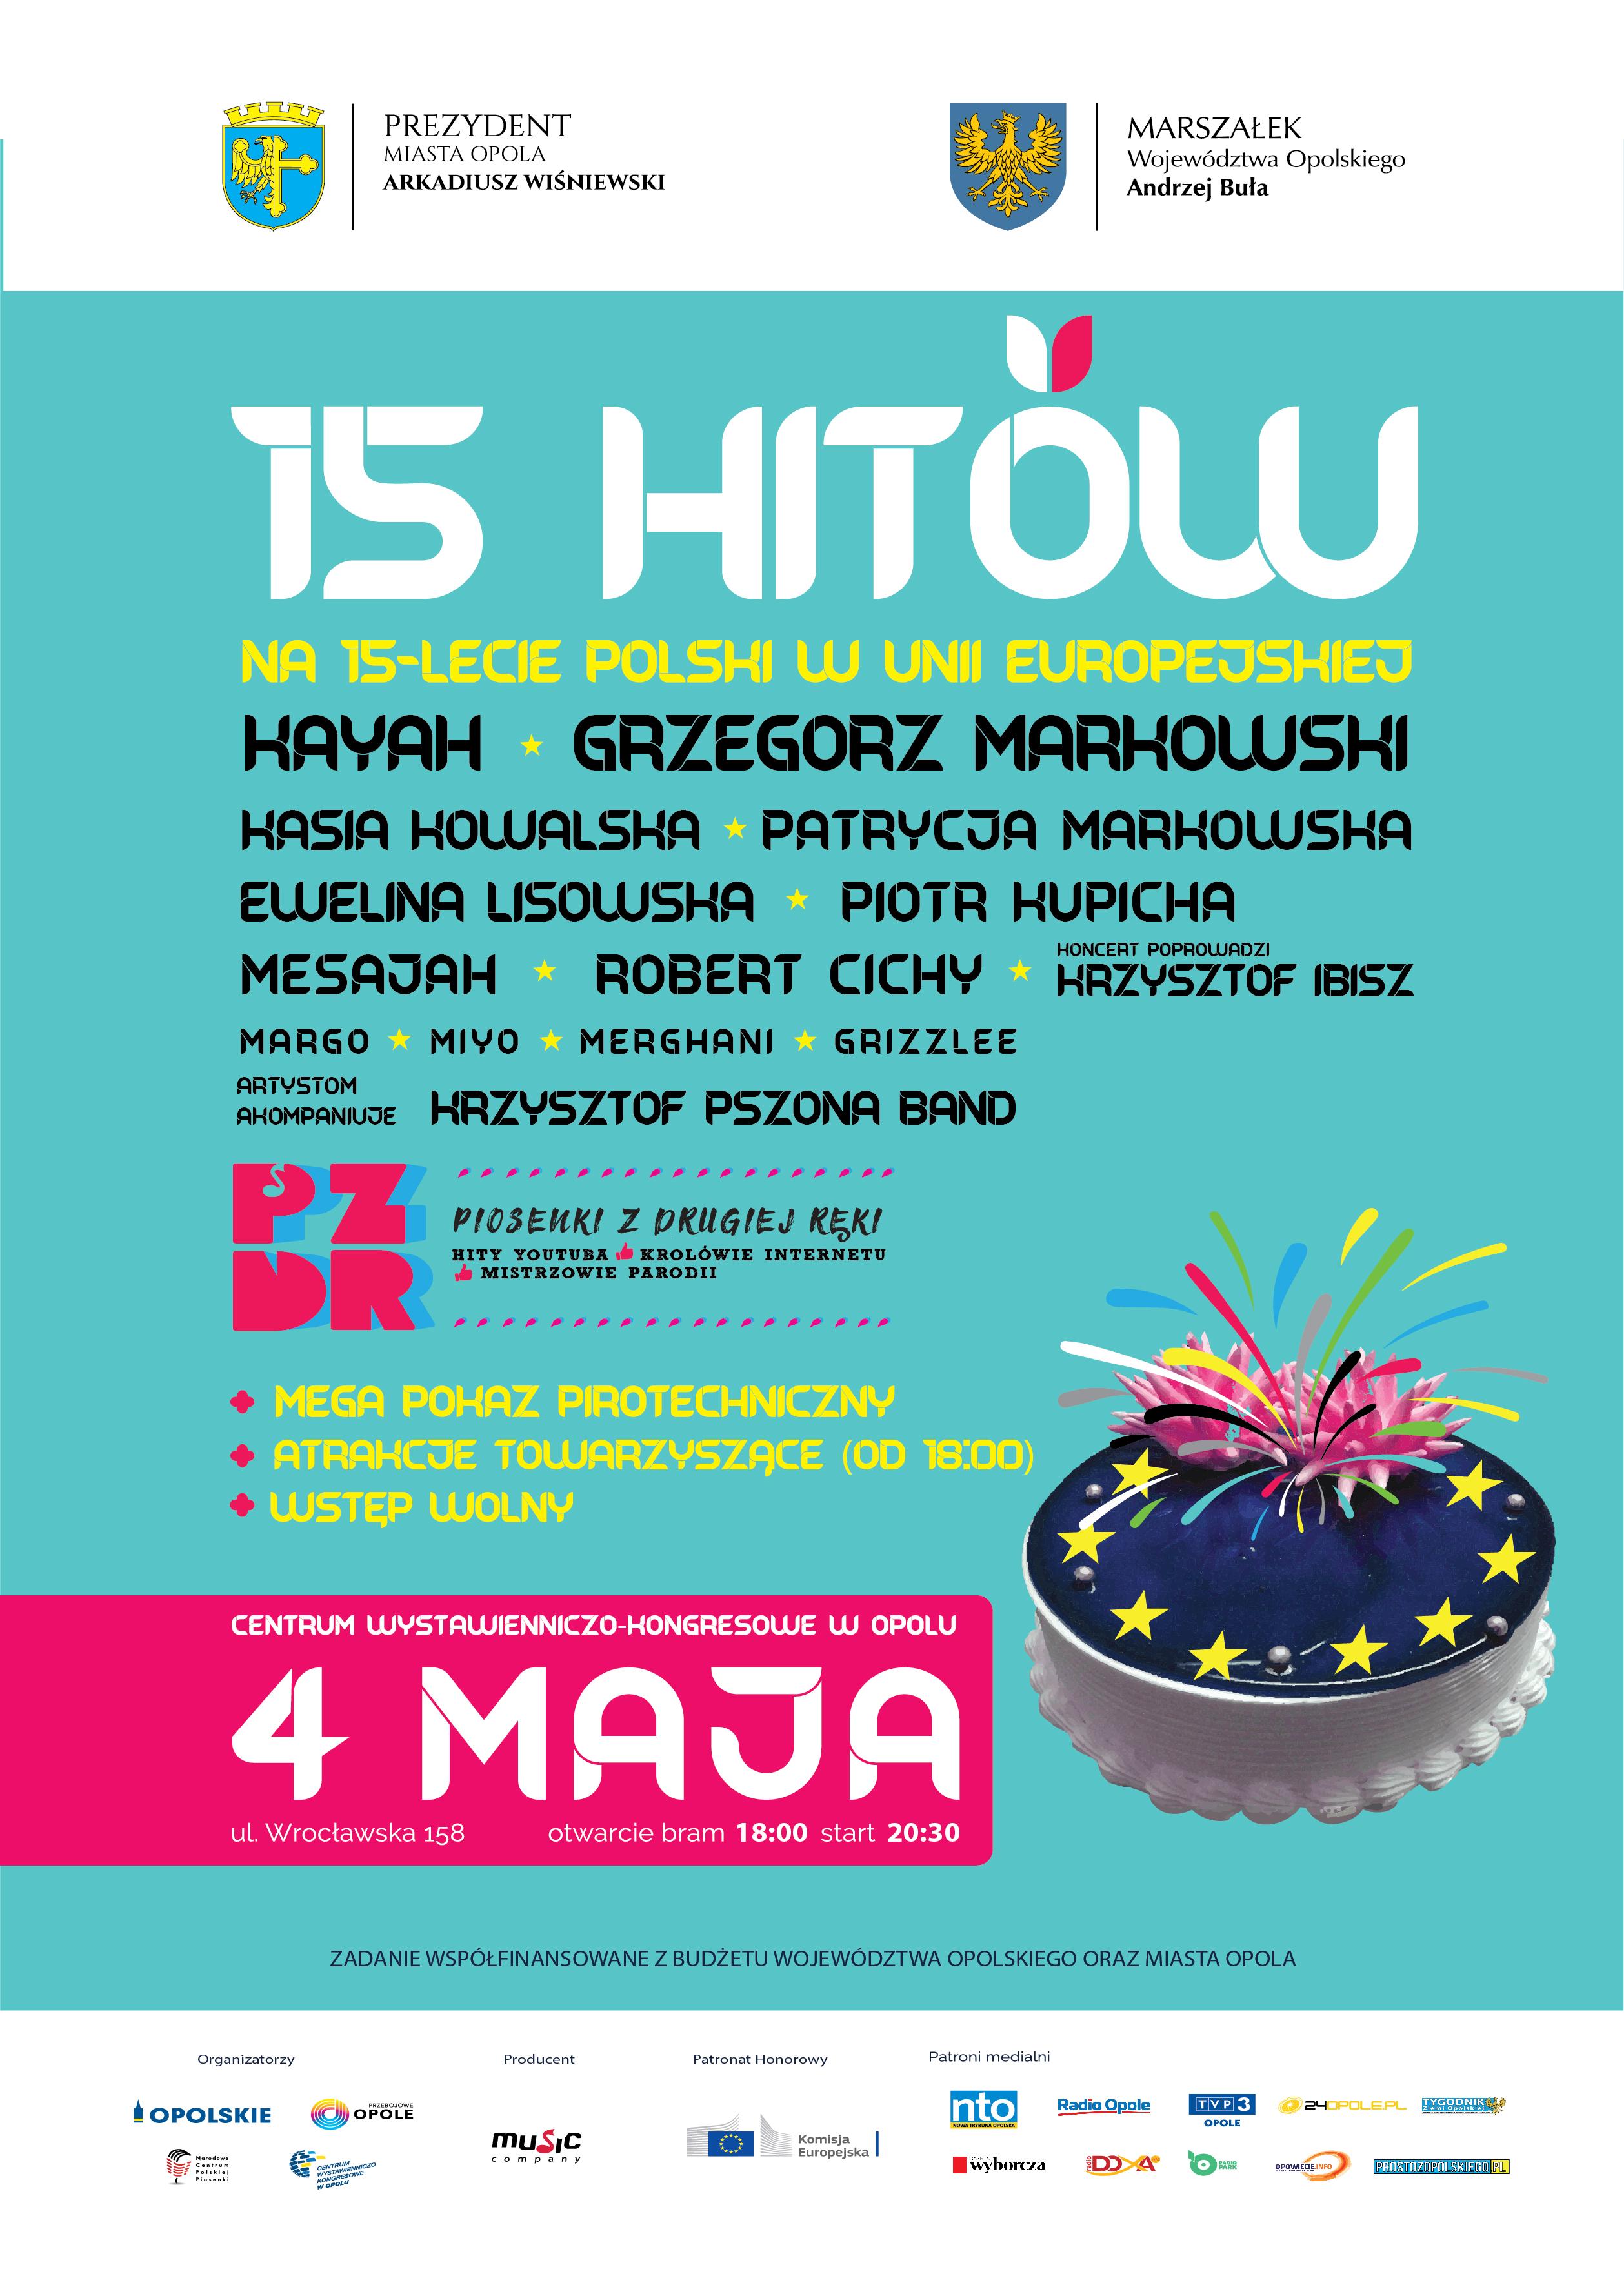 Opole będzie hucznie świętować 15-lecie Polski w Unii Europejskiej. Szykuje się wielki koncert przy CWK